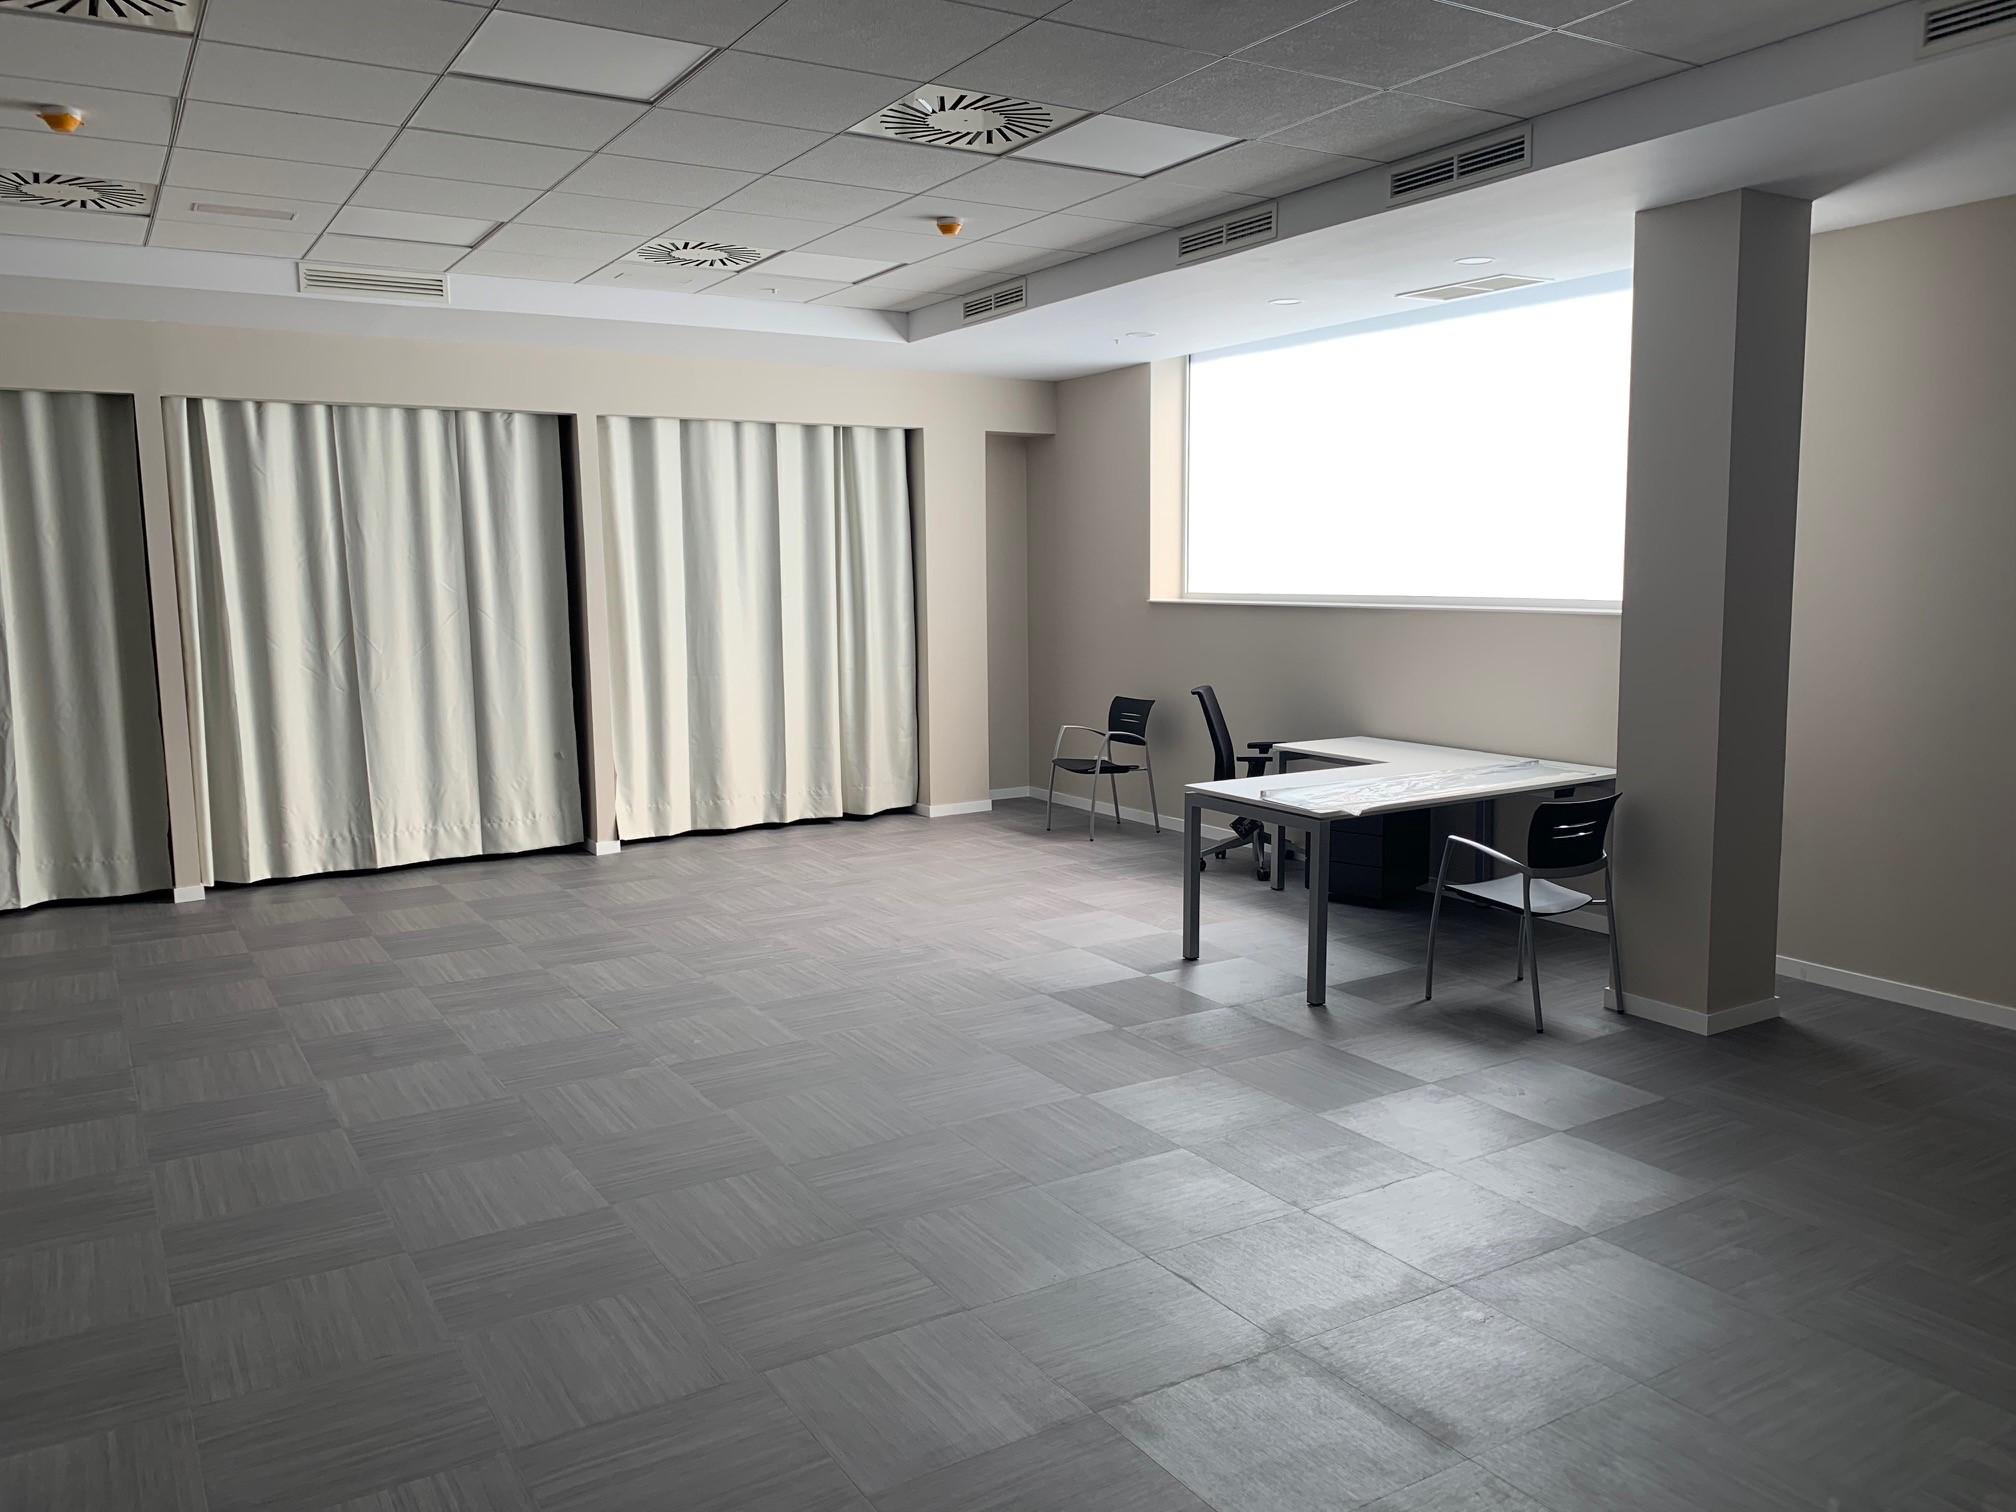 Reformas de interiores en Canarias. Decoracion de interiores en CAnarias